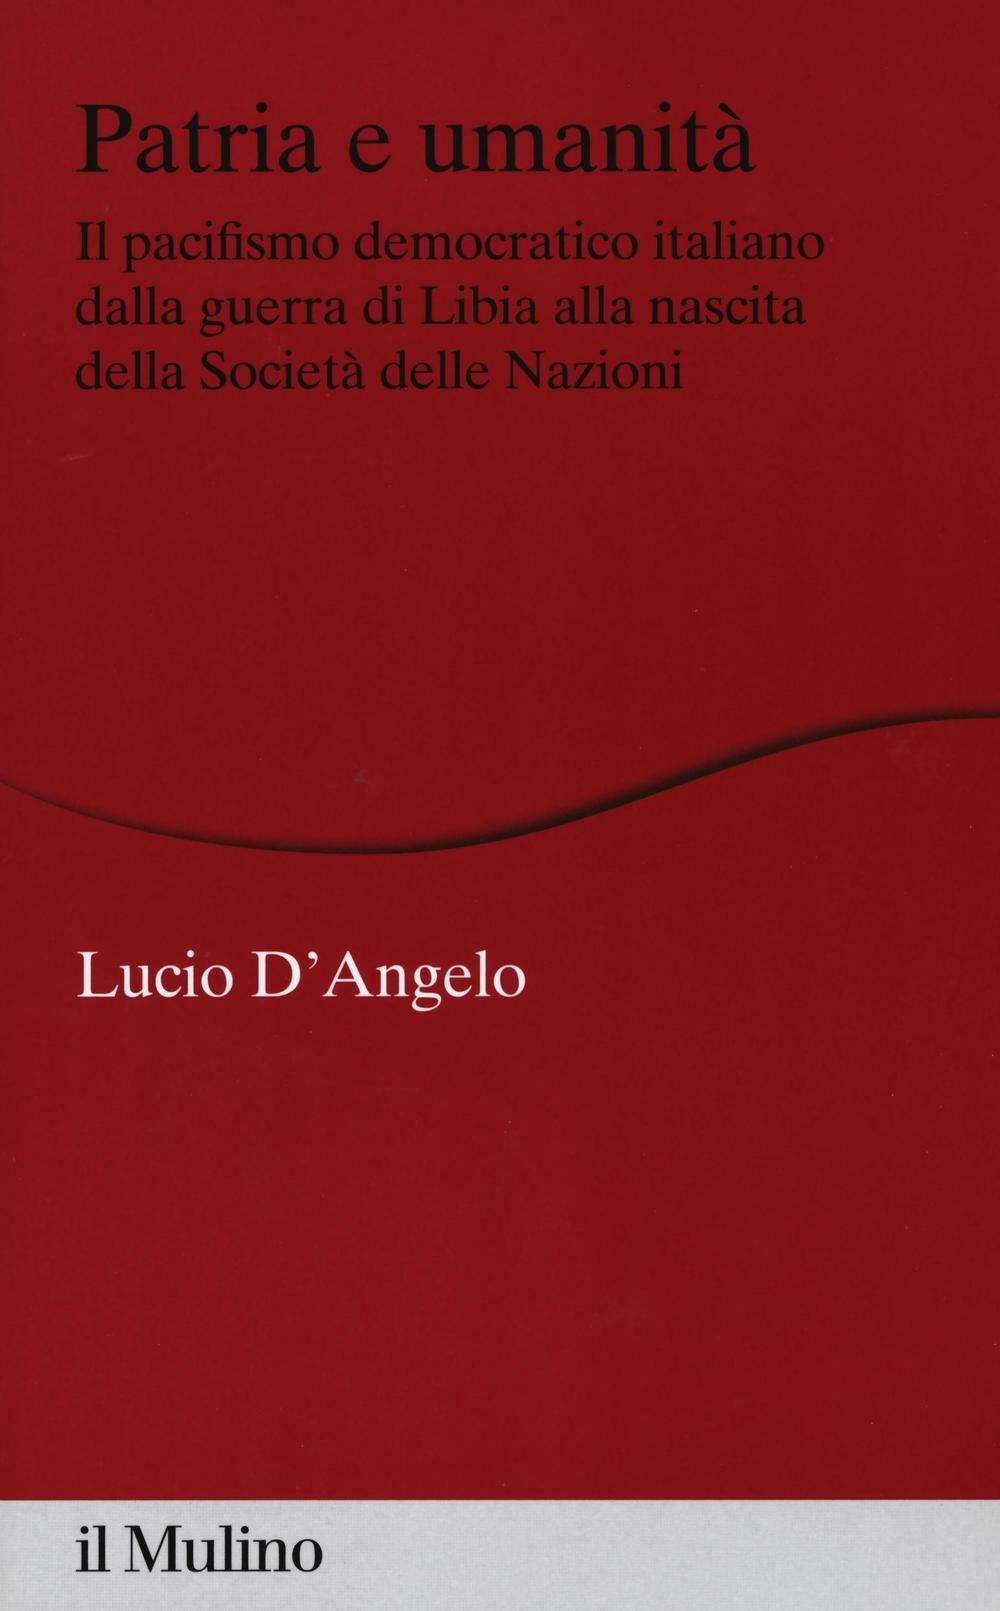 Patria e umanità. Il pacifismo democratico italiano dalla guerra di Libia alla nascita della Società delle Nazioni